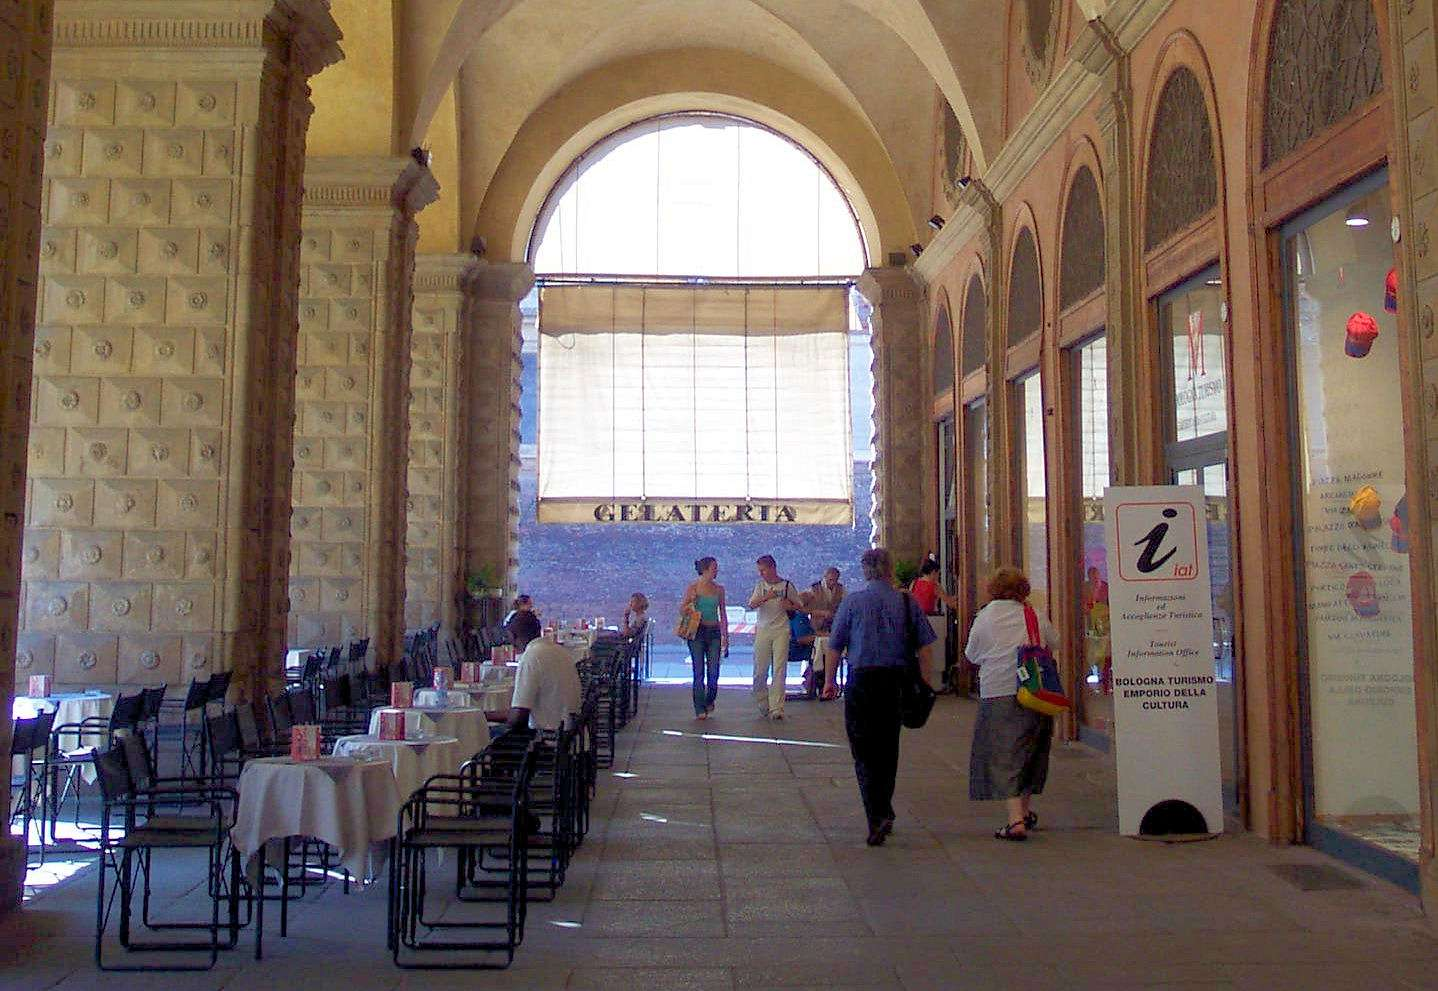 Bologna bjuder på metervis av valvgångar